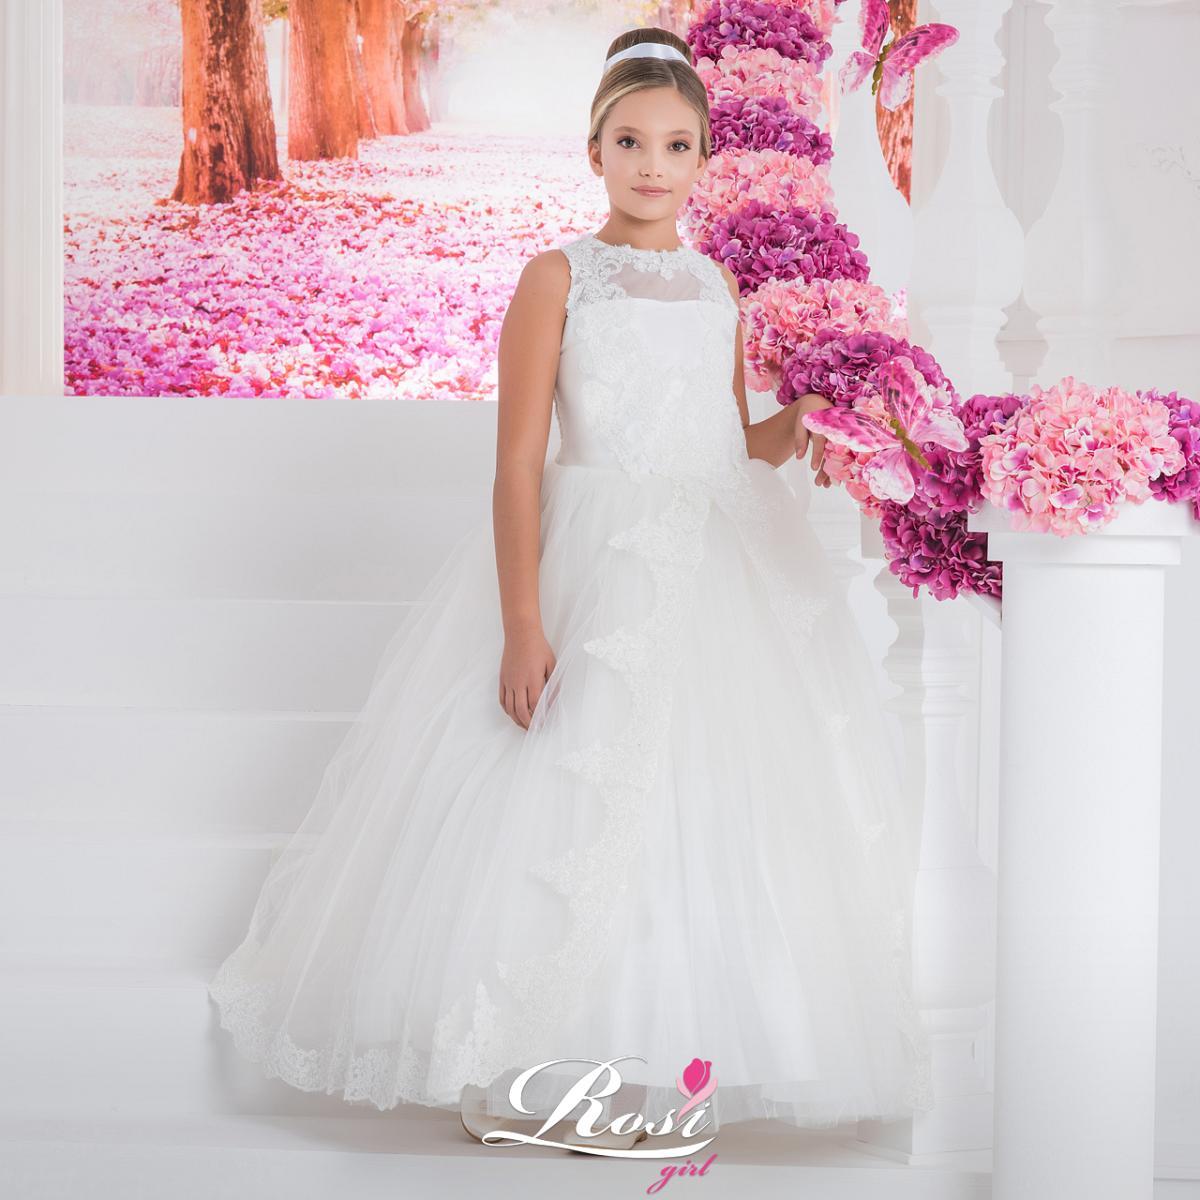 celli-spose-collezione-bambini-2019-rosi-girl-AL-563